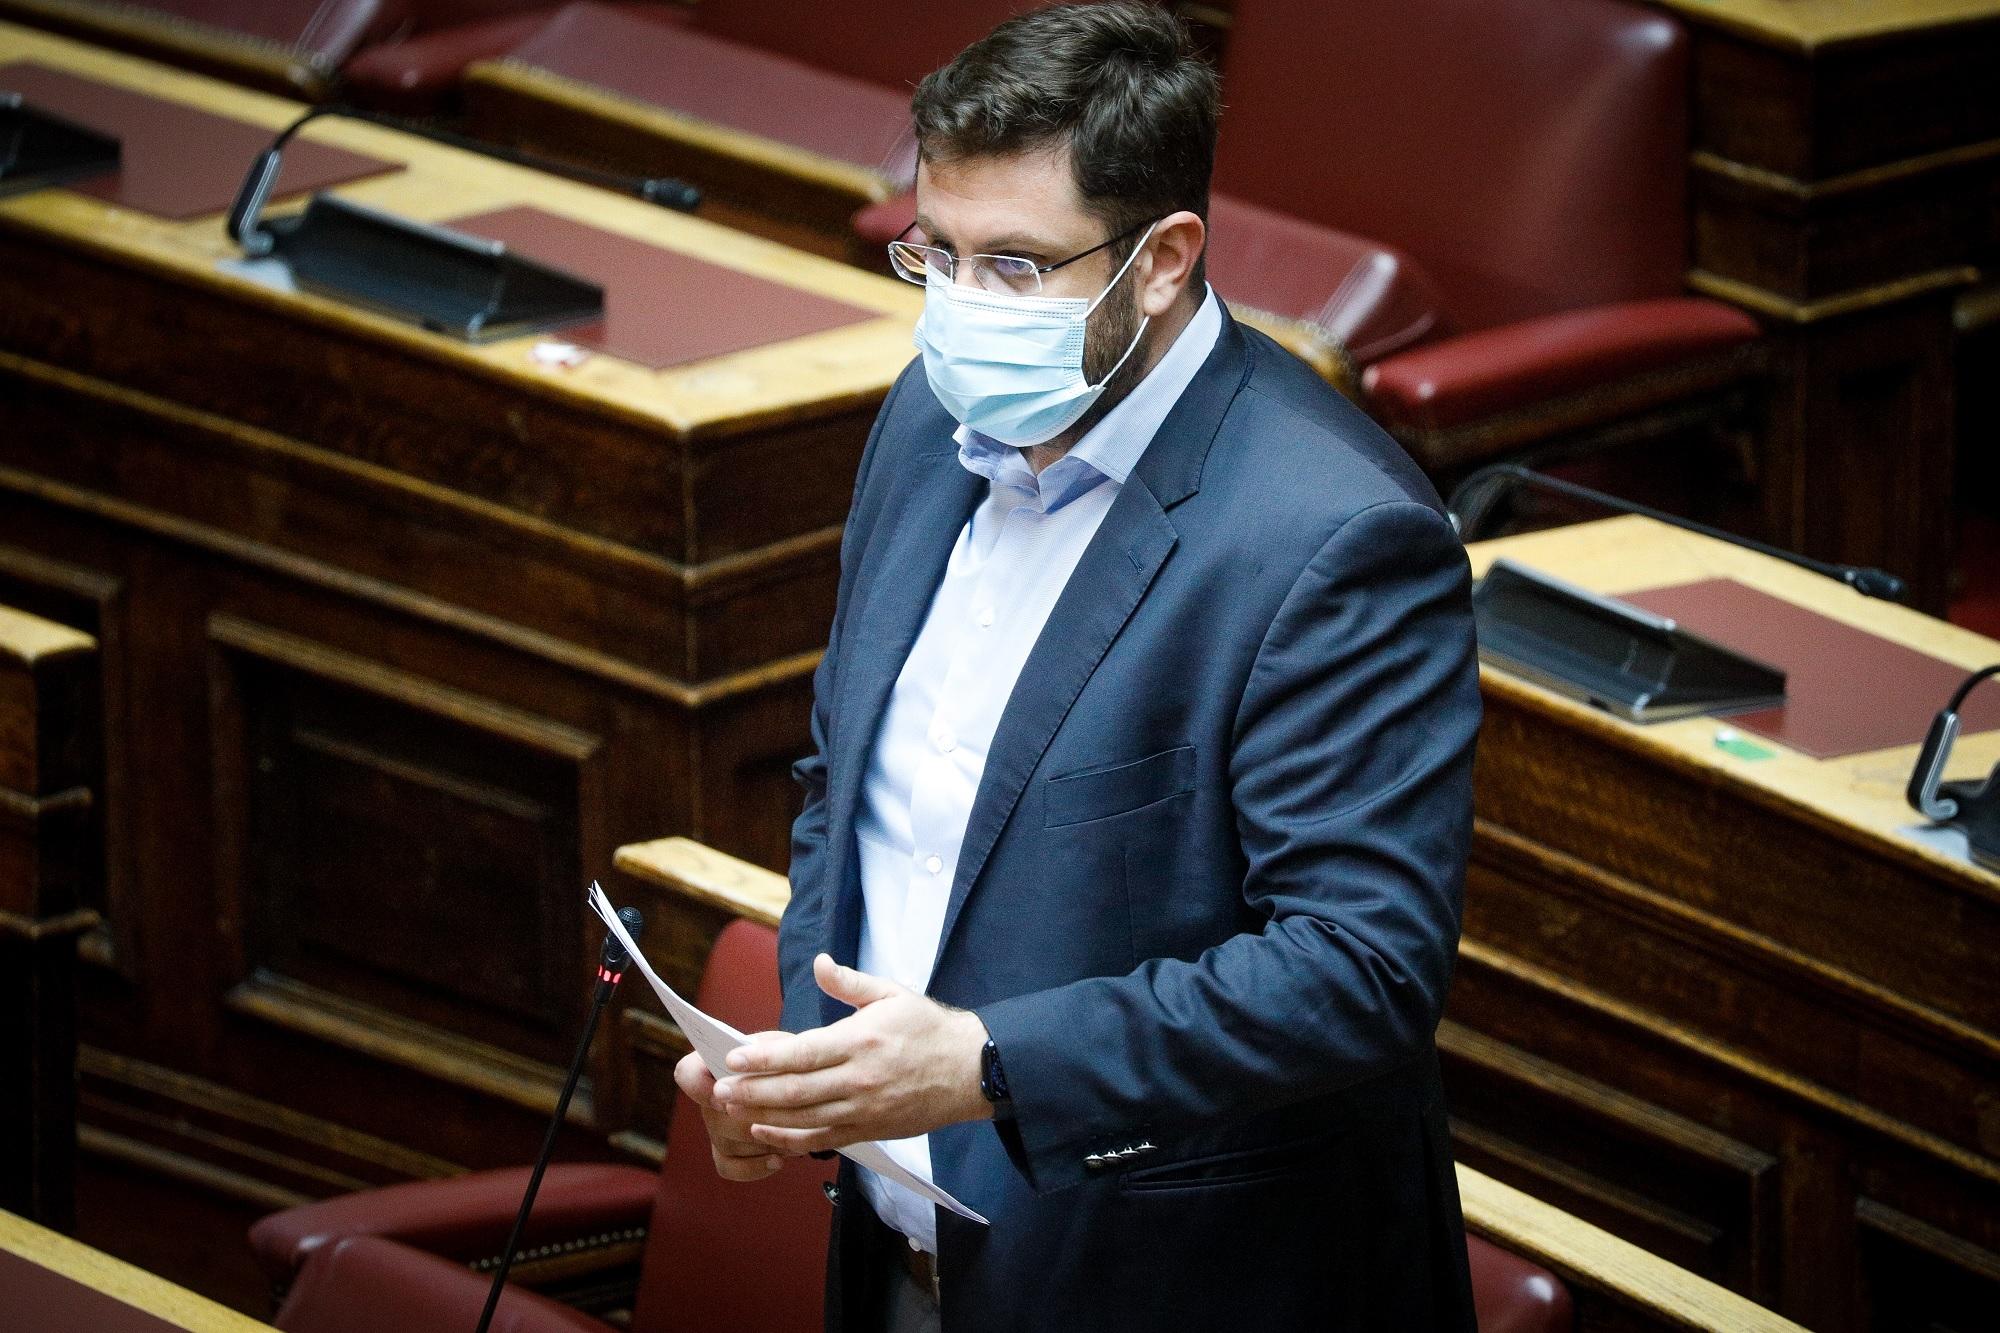 """Κ. Ζαχαριάδης στο Πρώτο: «Όχι» στο διχασμό για τα εμβόλια – """"Κλωτσιά"""" Μητσοτάκη σε οποιαδήποτε προσπάθεια συνεννόησης (audio)"""